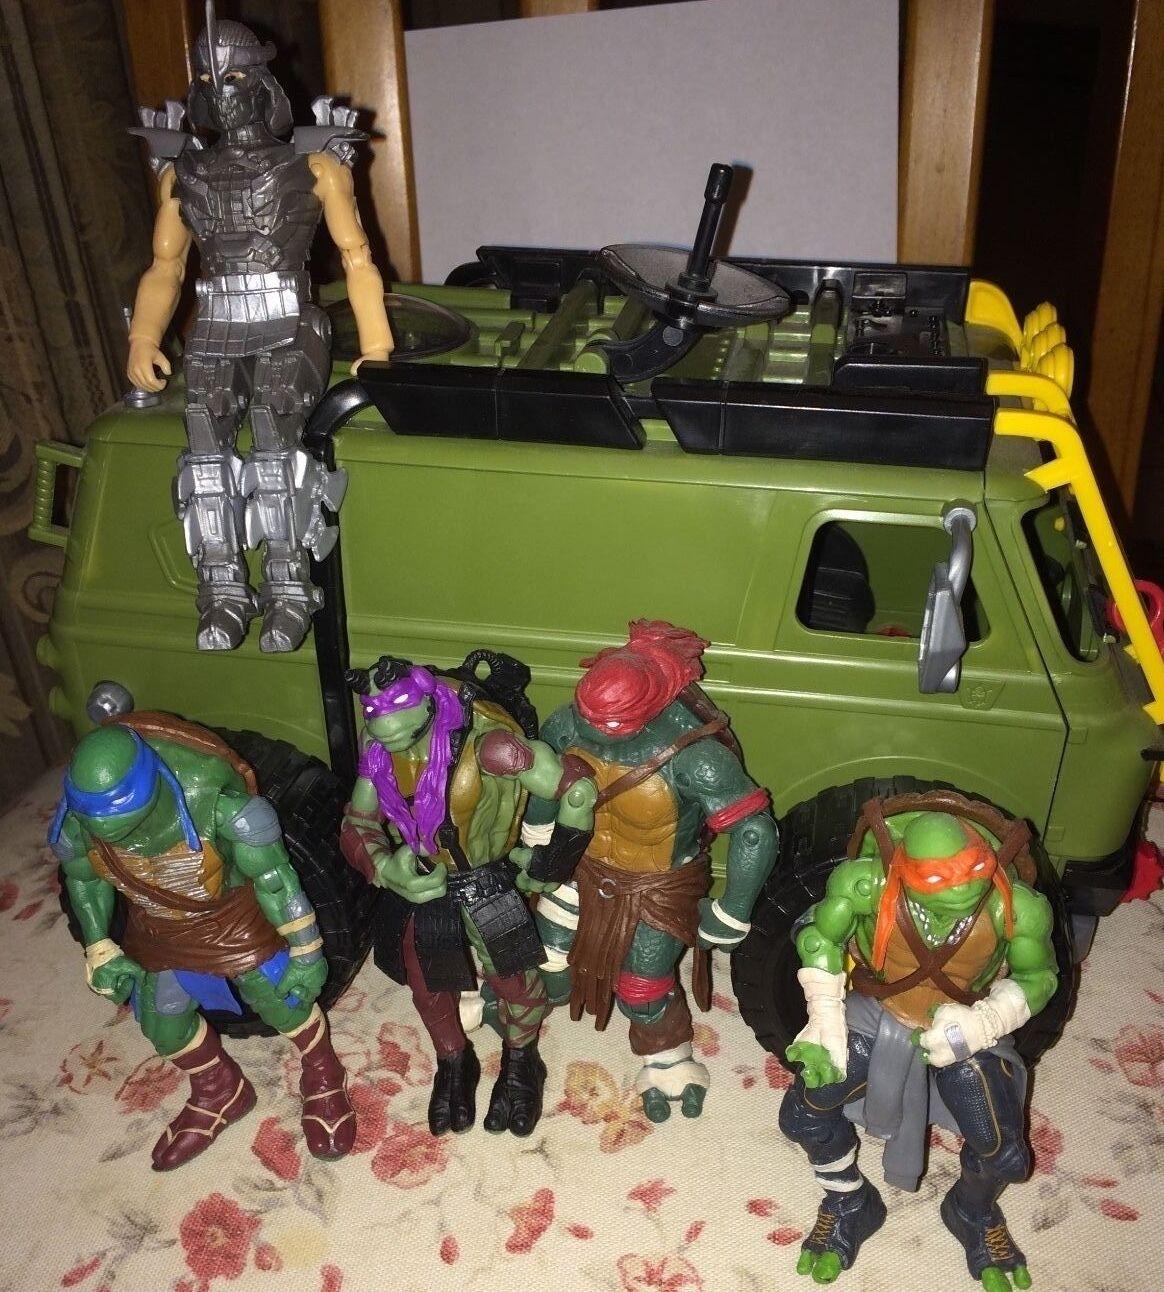 Teenage Mutant Ninja Ninja Ninja Turtles 2014 Movie Turtle assault van w  Figures TMNT RARE dbbb2c